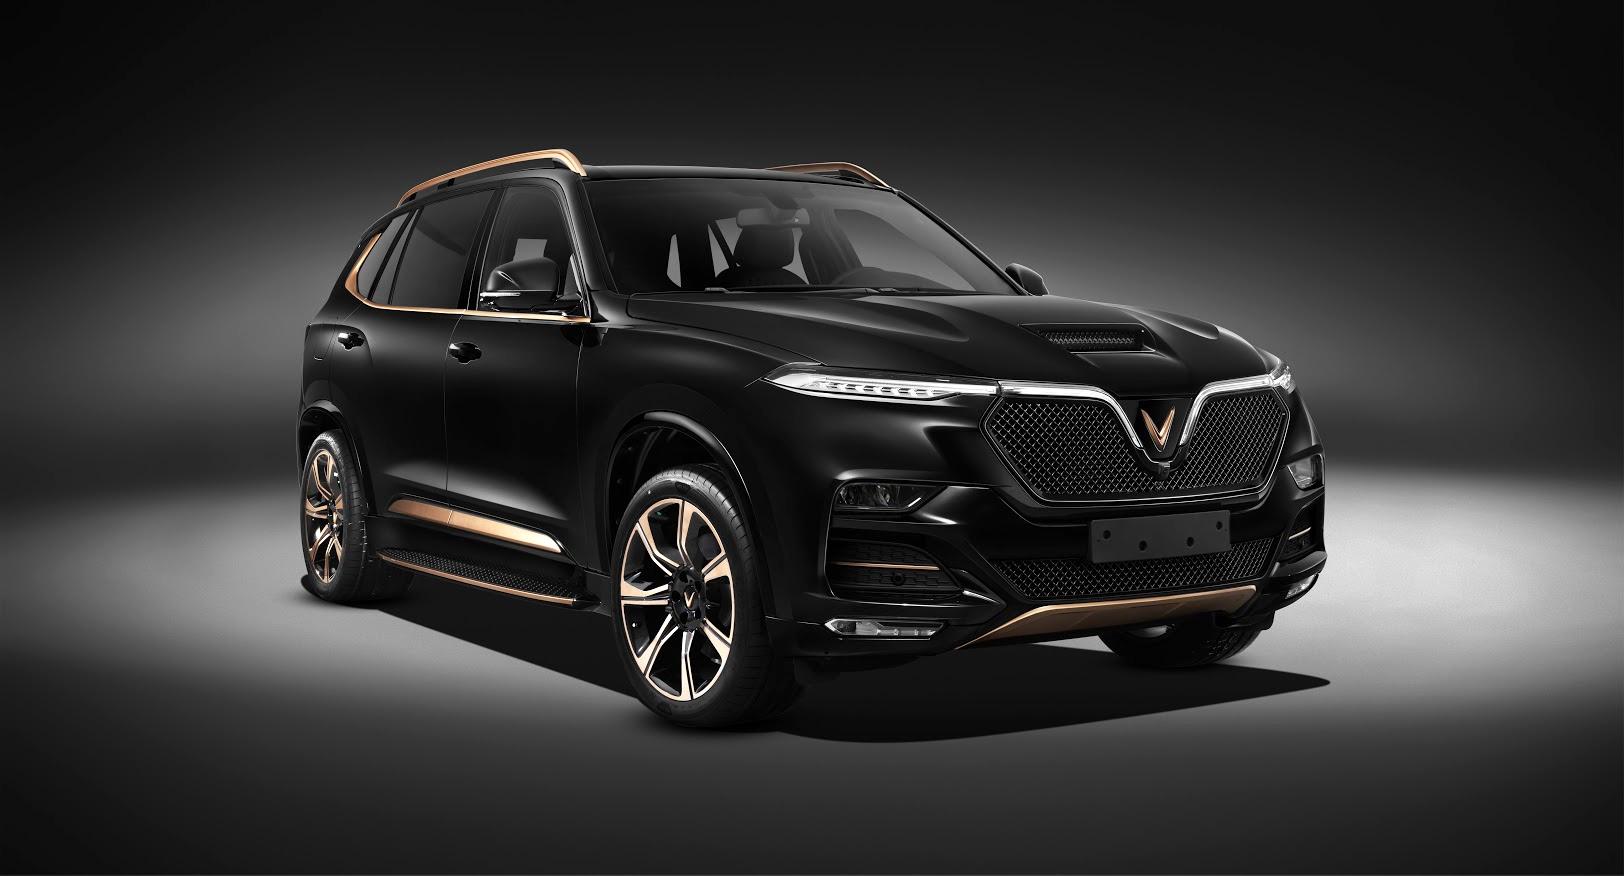 Truyền thông Mỹ háo hức chờ đợi mẫu ô tô điện của VinFast